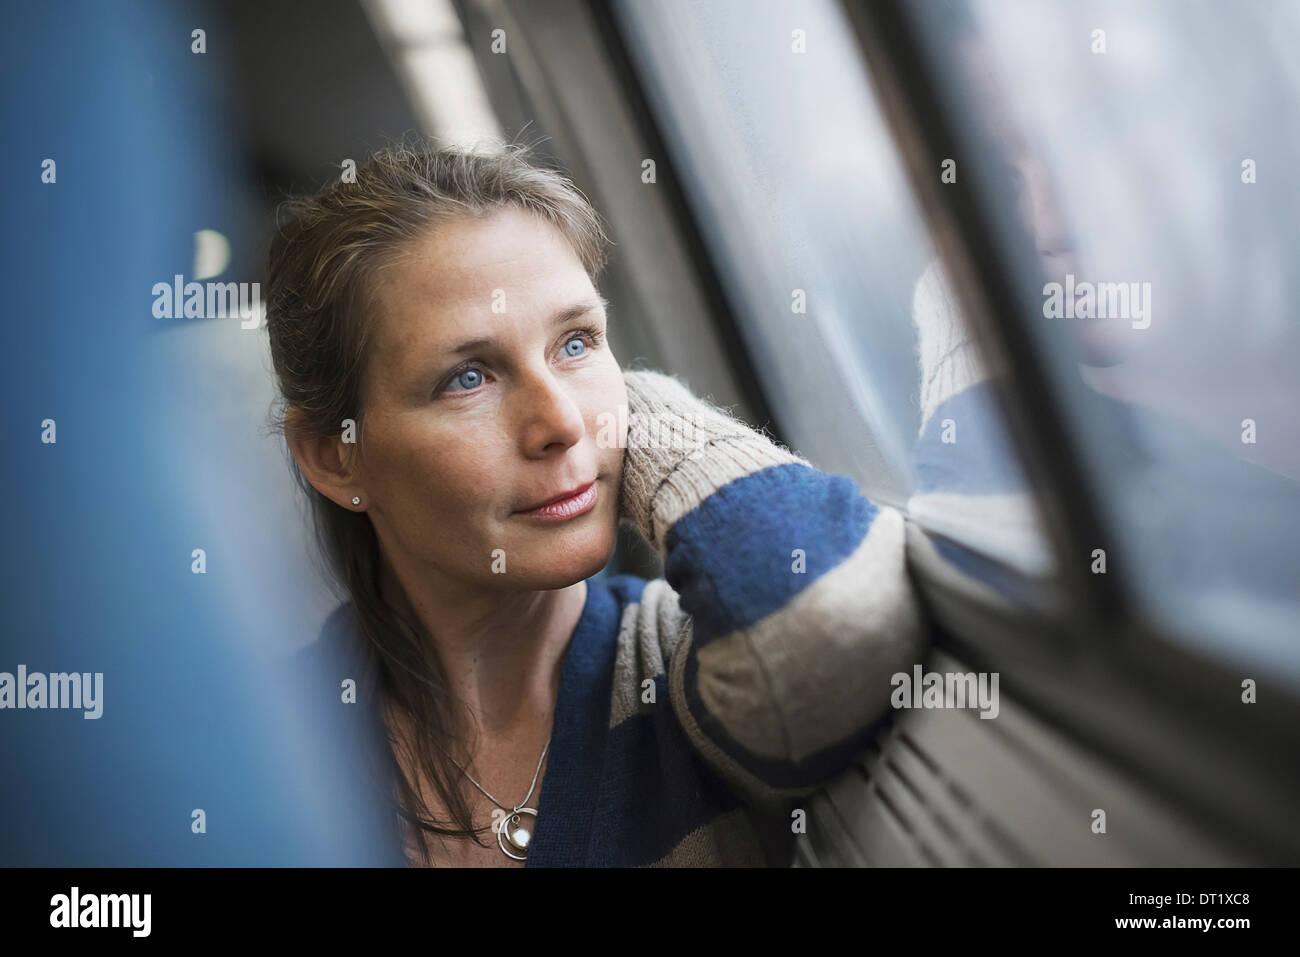 Una donna seduta in corrispondenza di una finestra sedile in un treno carrello appoggiato la sua testa sulla sua Immagini Stock